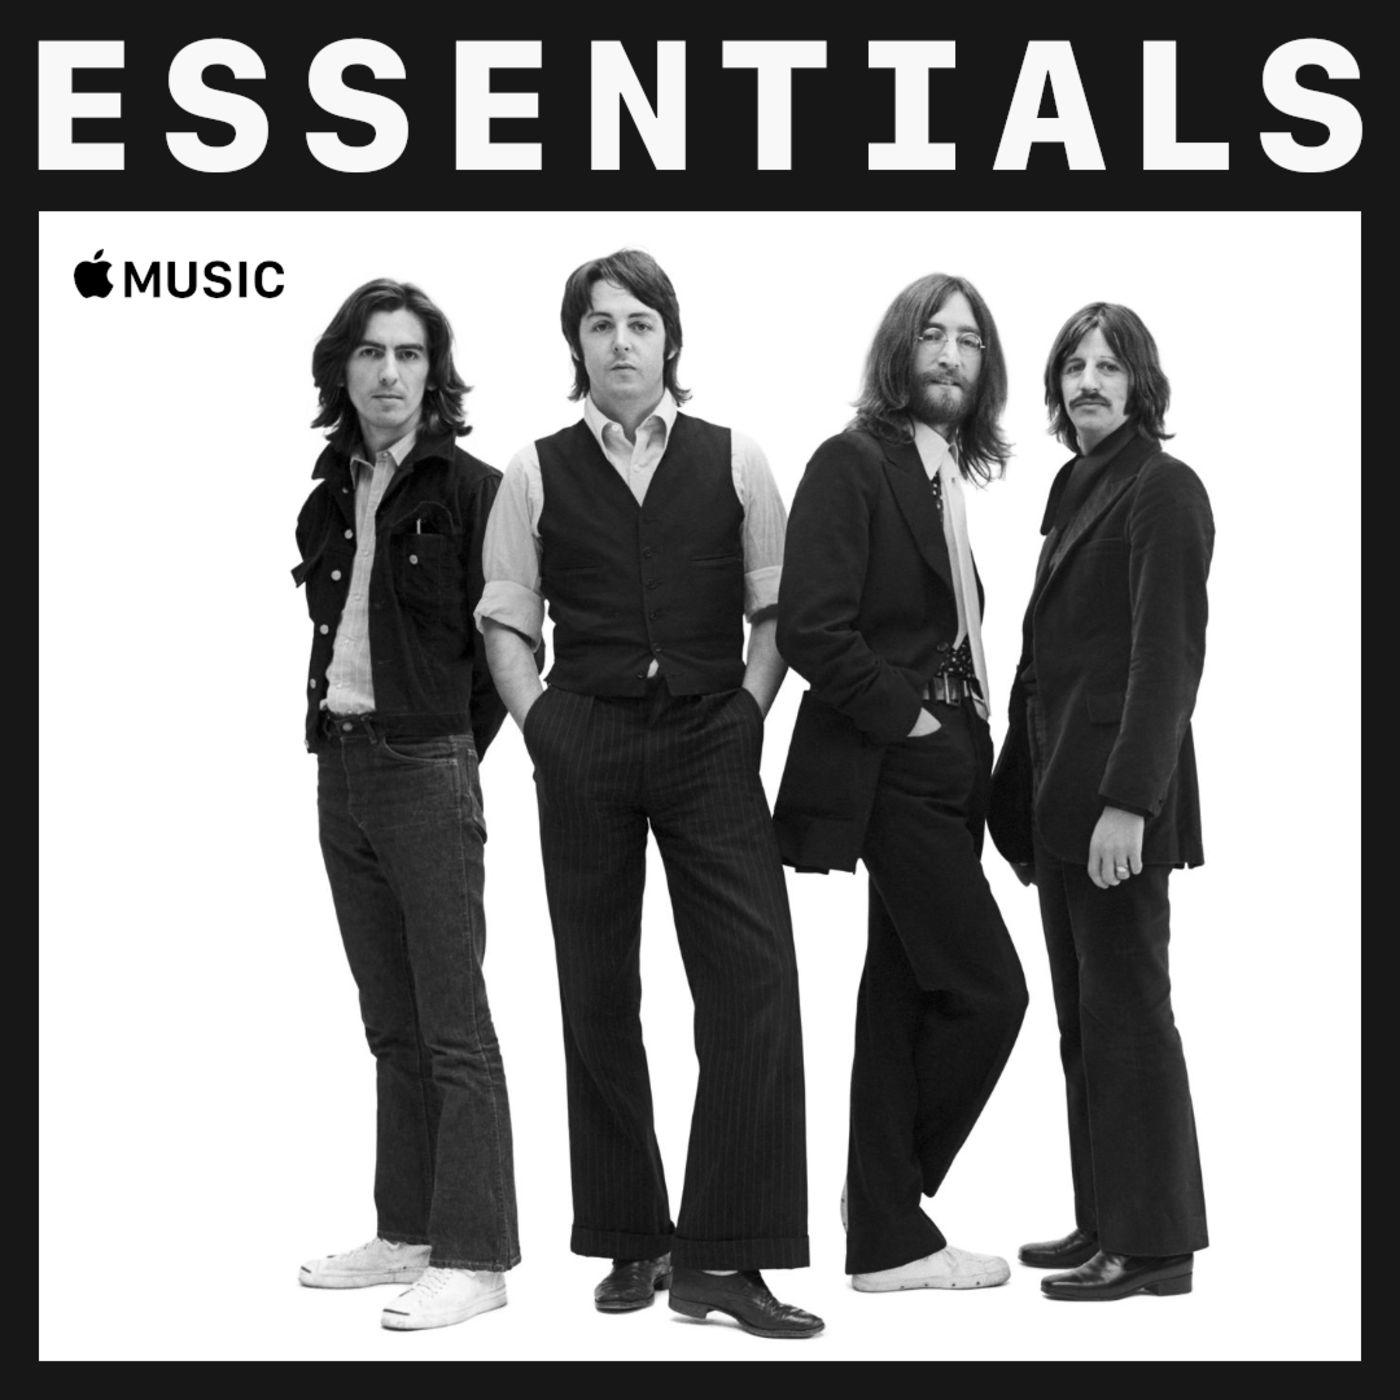 دانلود آلبوم Essentials از گروه The Beatles (بیتلز) با کیفیت عالی